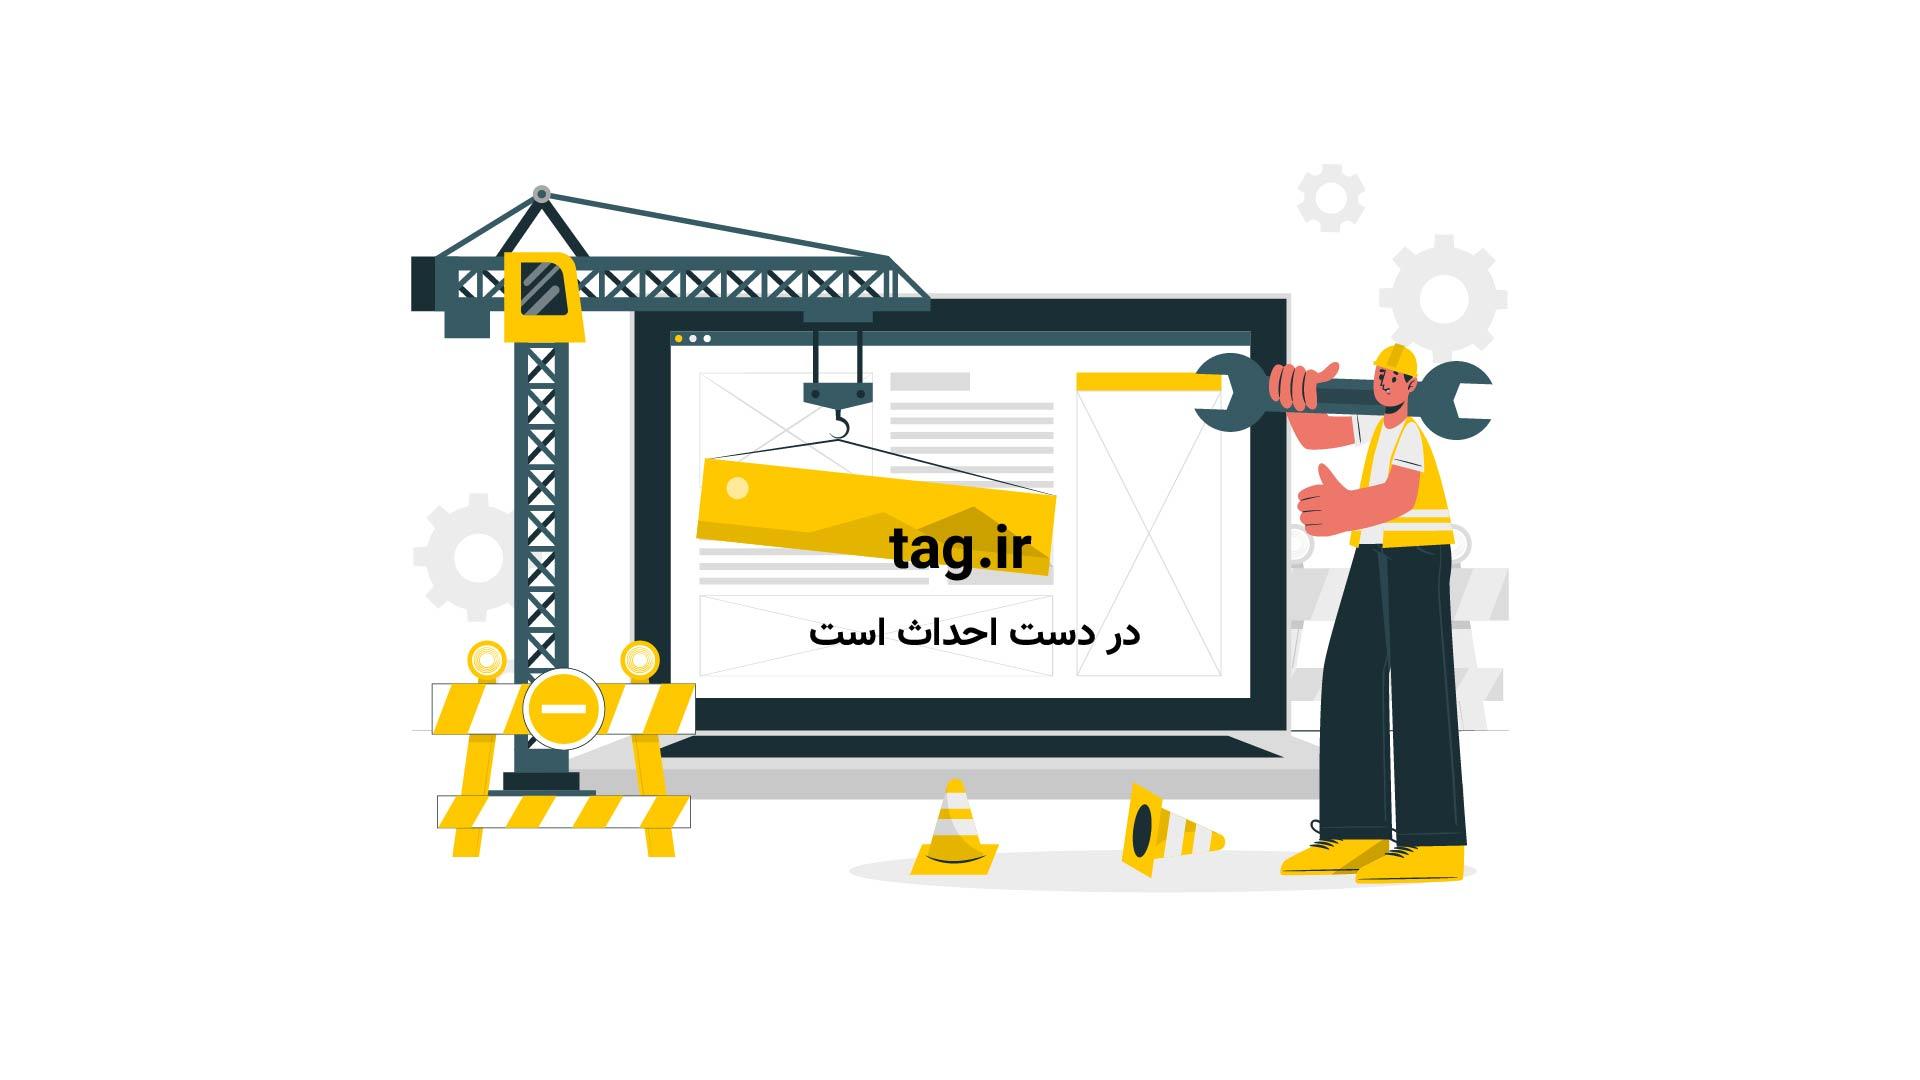 حیات وحش انگلستان از نمای نزدیک | فیلم